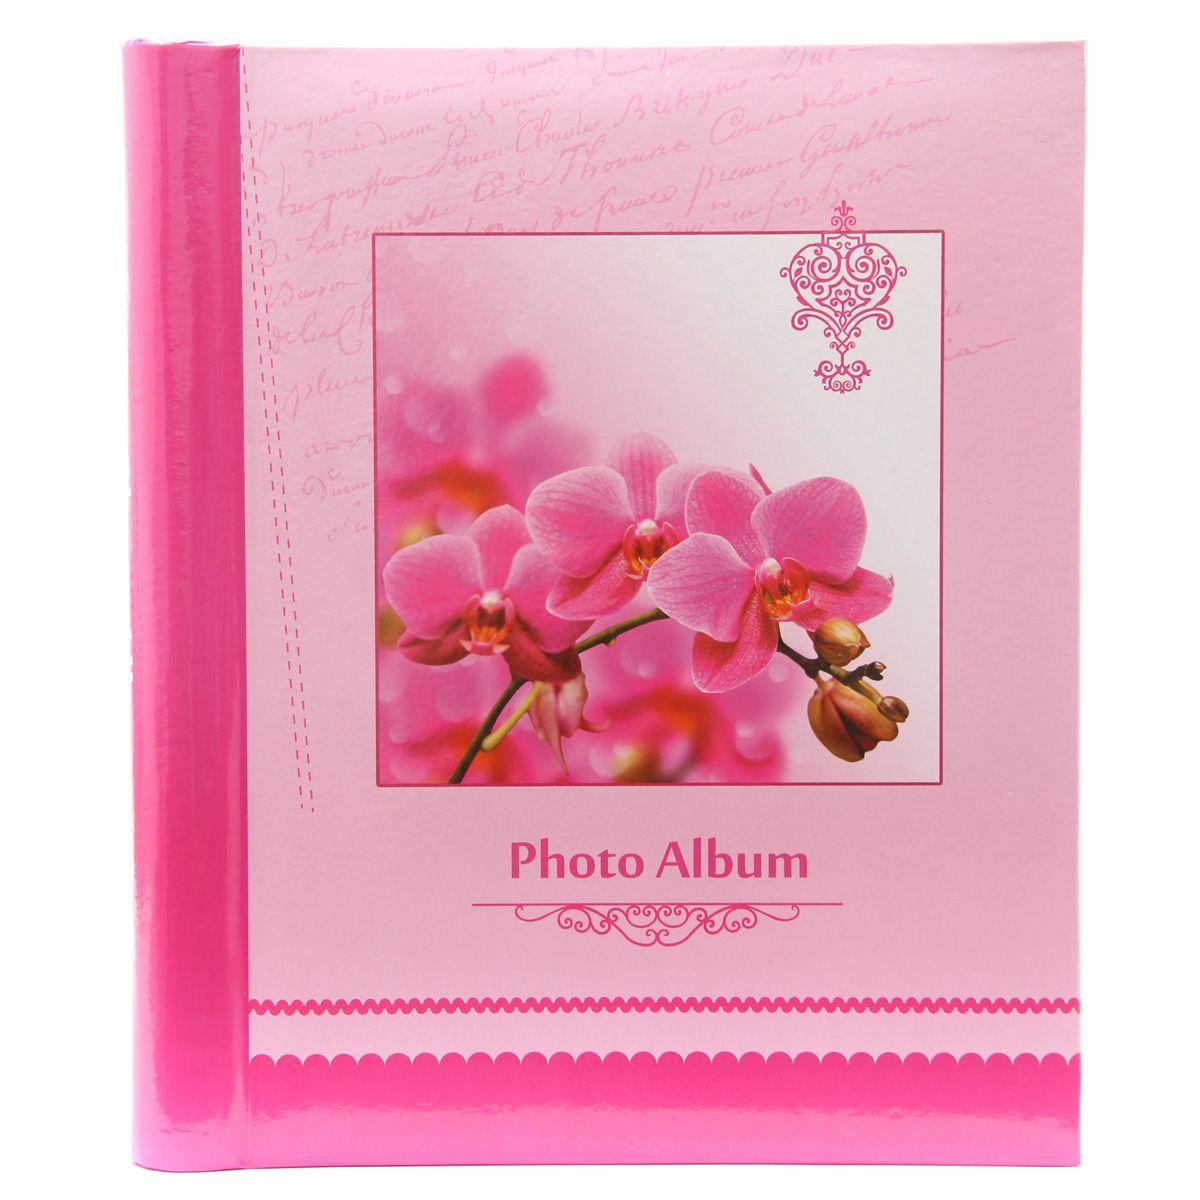 Фотоальбом Pioneer Spring Paints, 20 магнитных листов, цвет: розовый, 23 х 28 смCHK-036Альбом для фотографий.Кол-во листов: 20.Материалы, использованные в изготовлении альбома, обеспечивают высокое качество хранения Ваших фотографий, поэтому фотографии не желтеют со временемКонечно, никаких магнитов в этих альбомах нет. Есть страницы из плотной бумаги или тонкого картона, на этих страницах нанесено клейковатое покрытие и сверху страница закрыта прозрачной плёнкой, которая зафиксирована на внешнем ребре страницы.Фотографии на такой странице держатся за счёт того, что плёнка прилипает (как бы примагничивается) к странице. При этом фотографии не повреждаются, т.к. тыльная сторона не приклеивается к странице.Для того, чтобы разместить фотографии на магнитной странице, надо отлепить плёнку по направлению от корешка альбома к внешней (зафиксированной) стороне страницы, разложить фотографии поверх клейковатого покрытия так, как вам нравится.При этом обязательно надо оставлять по периметру страницы свободное поле, к которому и будет «примагничиваться» прозрачная плёнка.После размещения фоток надо их закрыть плёнкой так, чтобы не было пузырьков воздуха, складок и заломов. Для этого одной рукой надо как бы натягивать плёнку от края страницы к корешку, а другой – прижимать к странице.Если вы видите, что пошла складочка, не расстраивайтесь. Сразу отлепите плёнку и исправьте ситуацию. Не обязательно отклеивать плёнку полностью, если складочка пошла, например, от середины страницы или ближе к корешку.К неоспоримым преимуществам «магнитных» фотоальбомов относятся:- возможность размещать в них фотографии разного размера в нужной вам последовательности;- возможность размещать фотографии с наклоном;- возможность наряду с фотографиями размещать подписи к ним (выполненные на отдельных листках бумаги), оформительские элементы (шаржи, букетики, вырезки и т.п